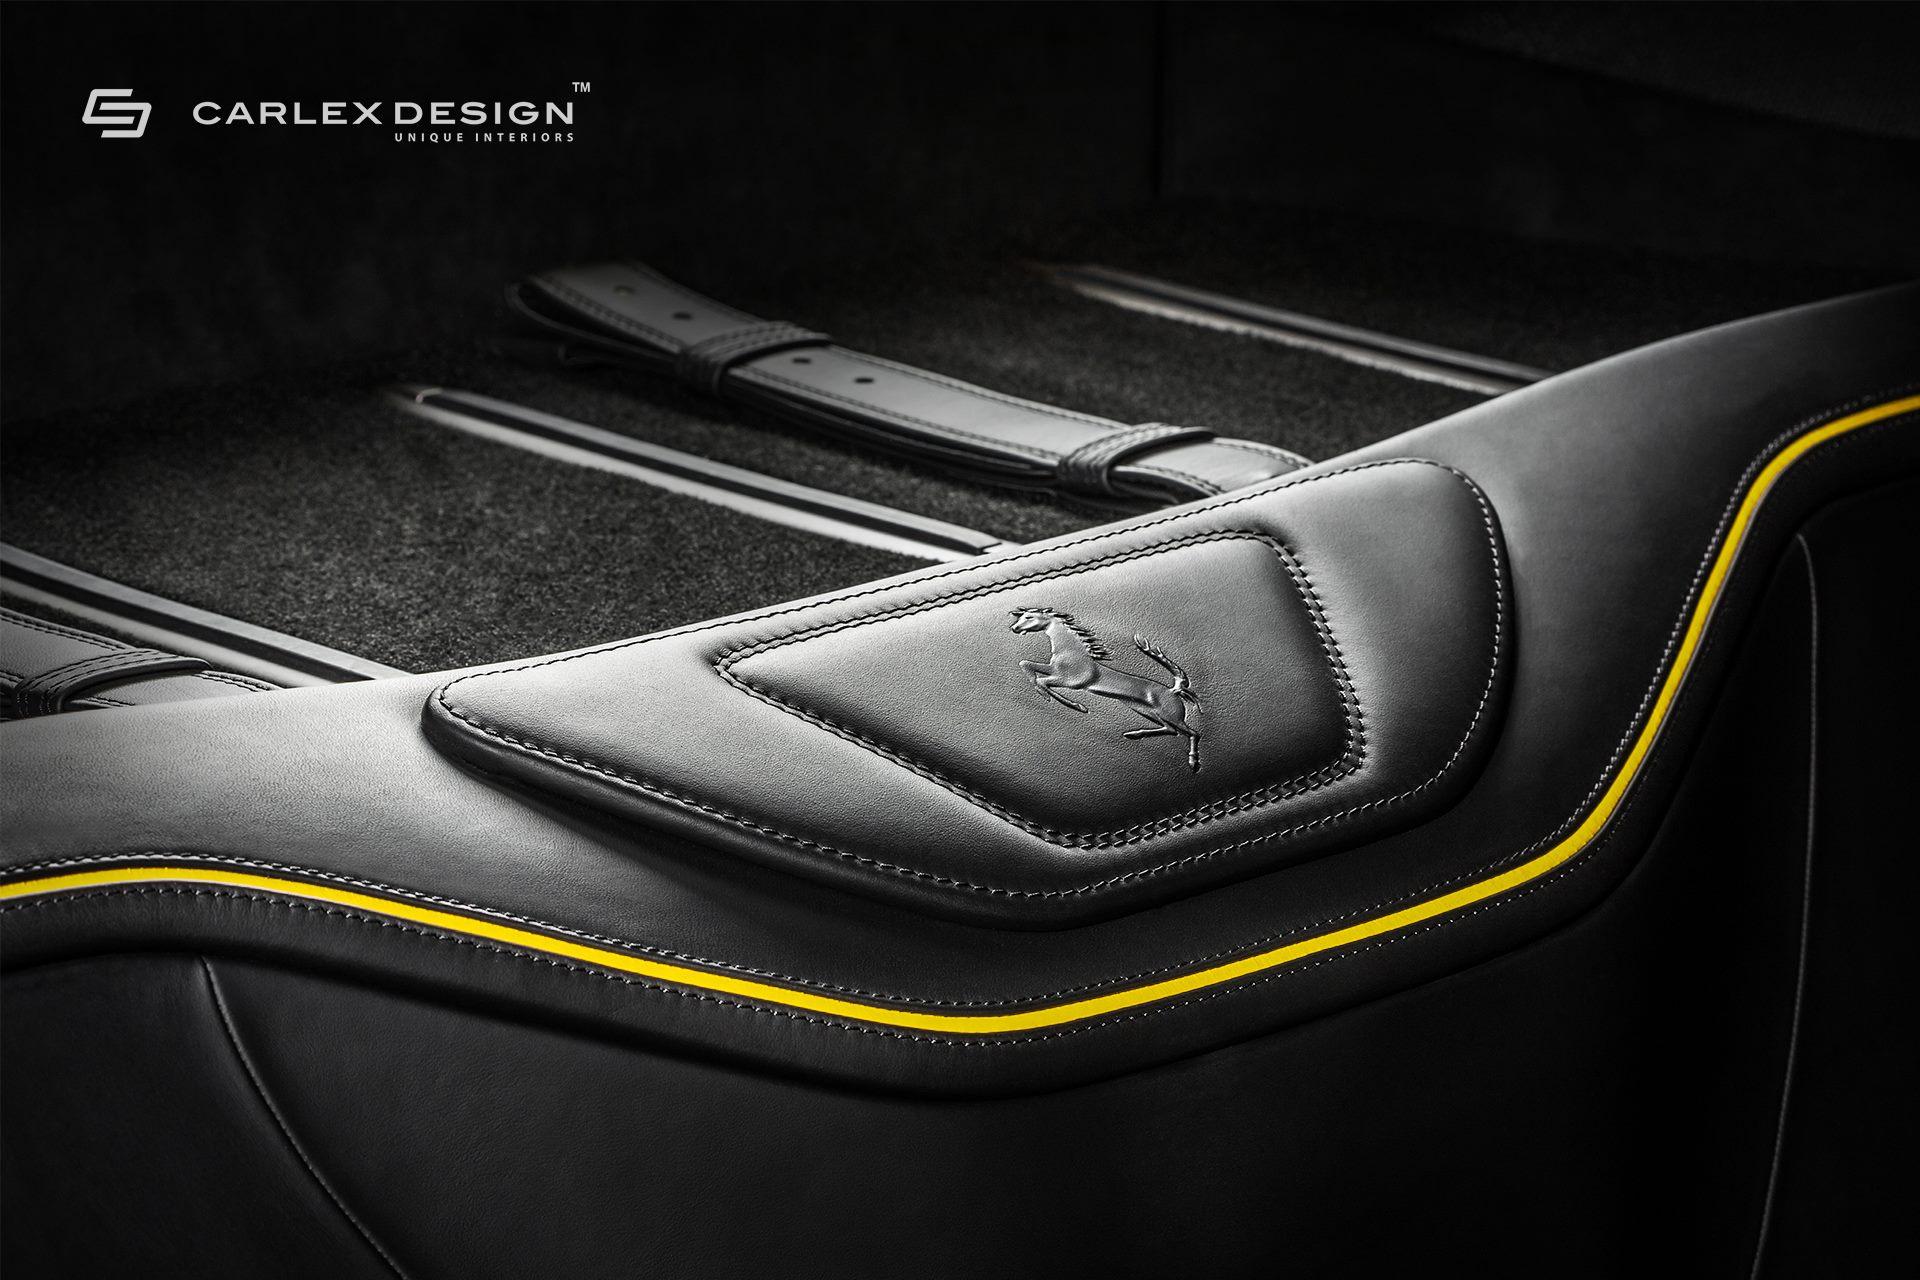 Ferrari F12berlinetta by Carlex Design (13)